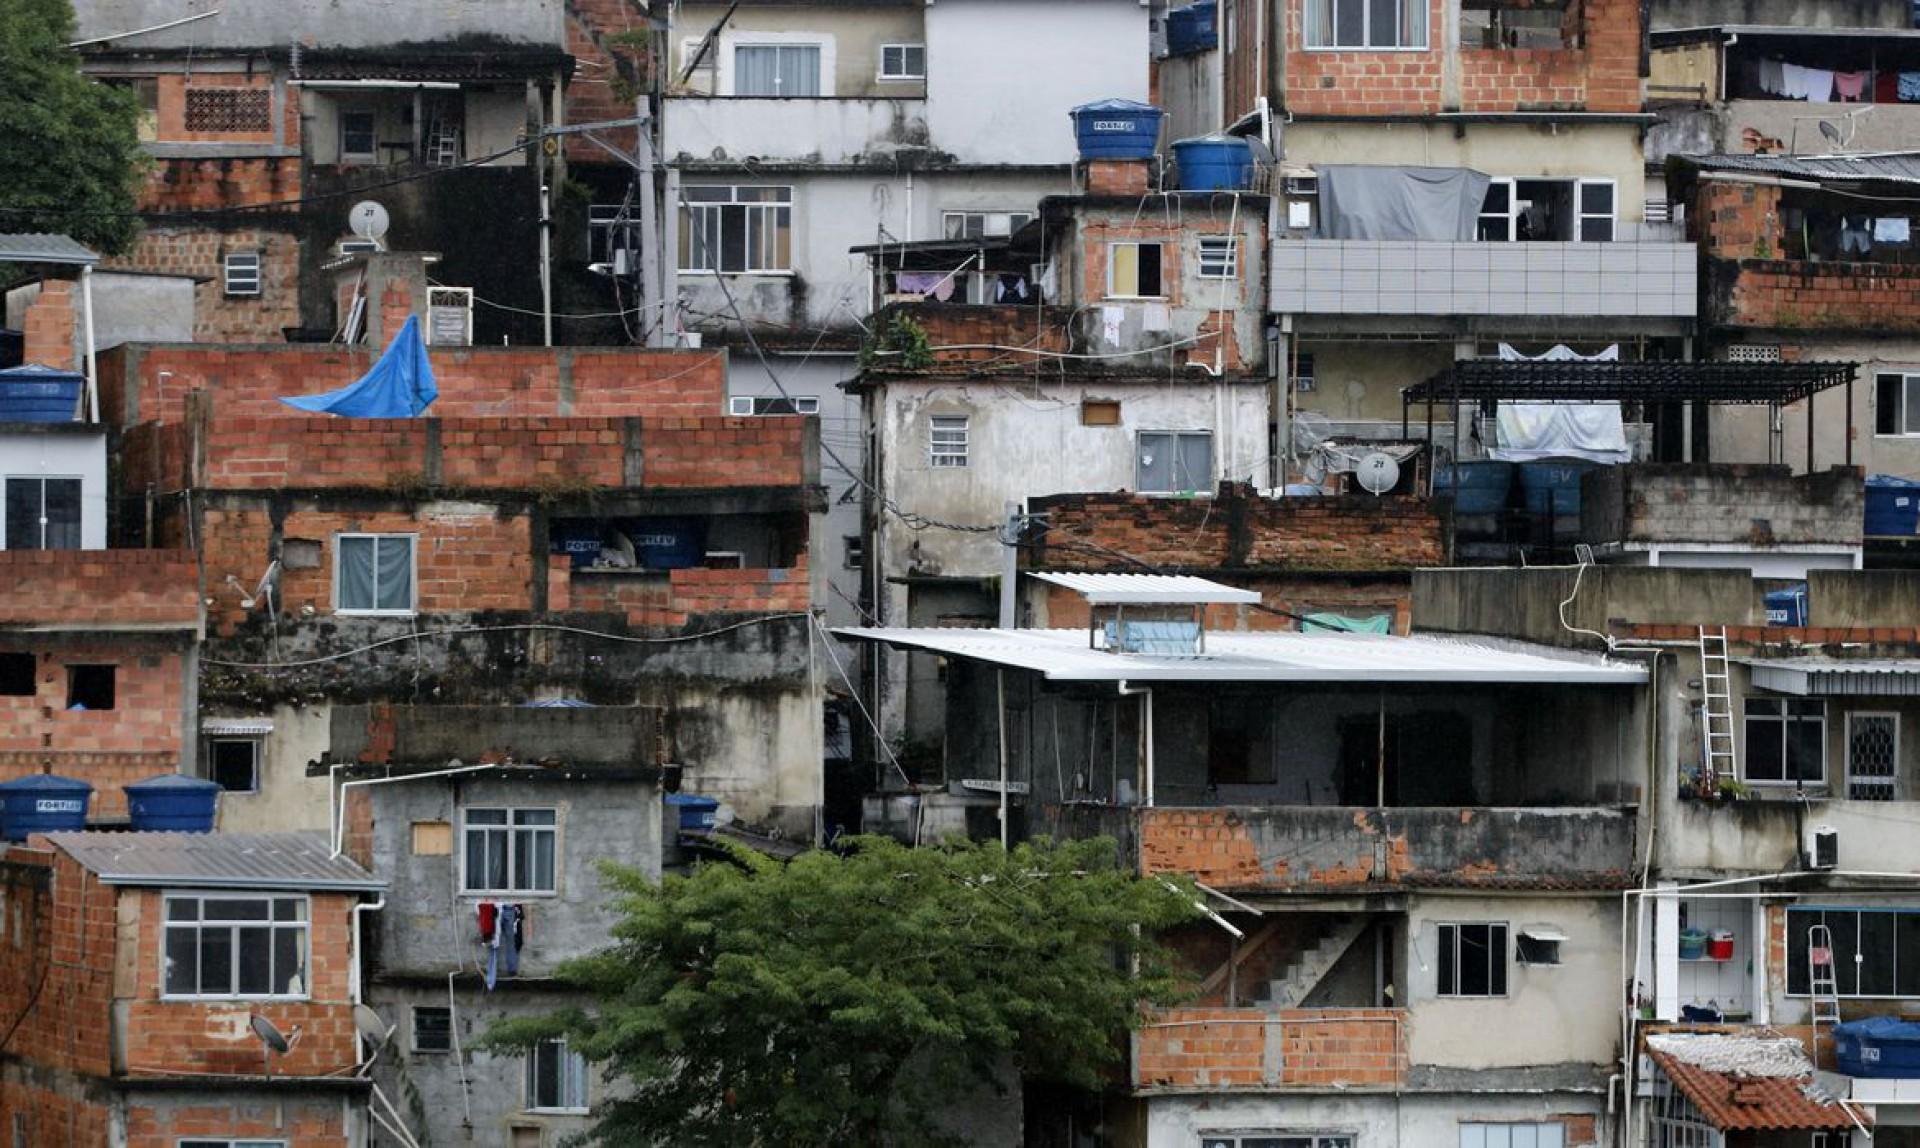 Vista geral da favela Morro Azul, na zona sul do Rio de Janeiro.  A iniciativa surgiu da coordenação entre duas favelas do Rio de Janeiro, duas de São Paulo e seis de outras regiões (Foto: Tânia Rêgo)